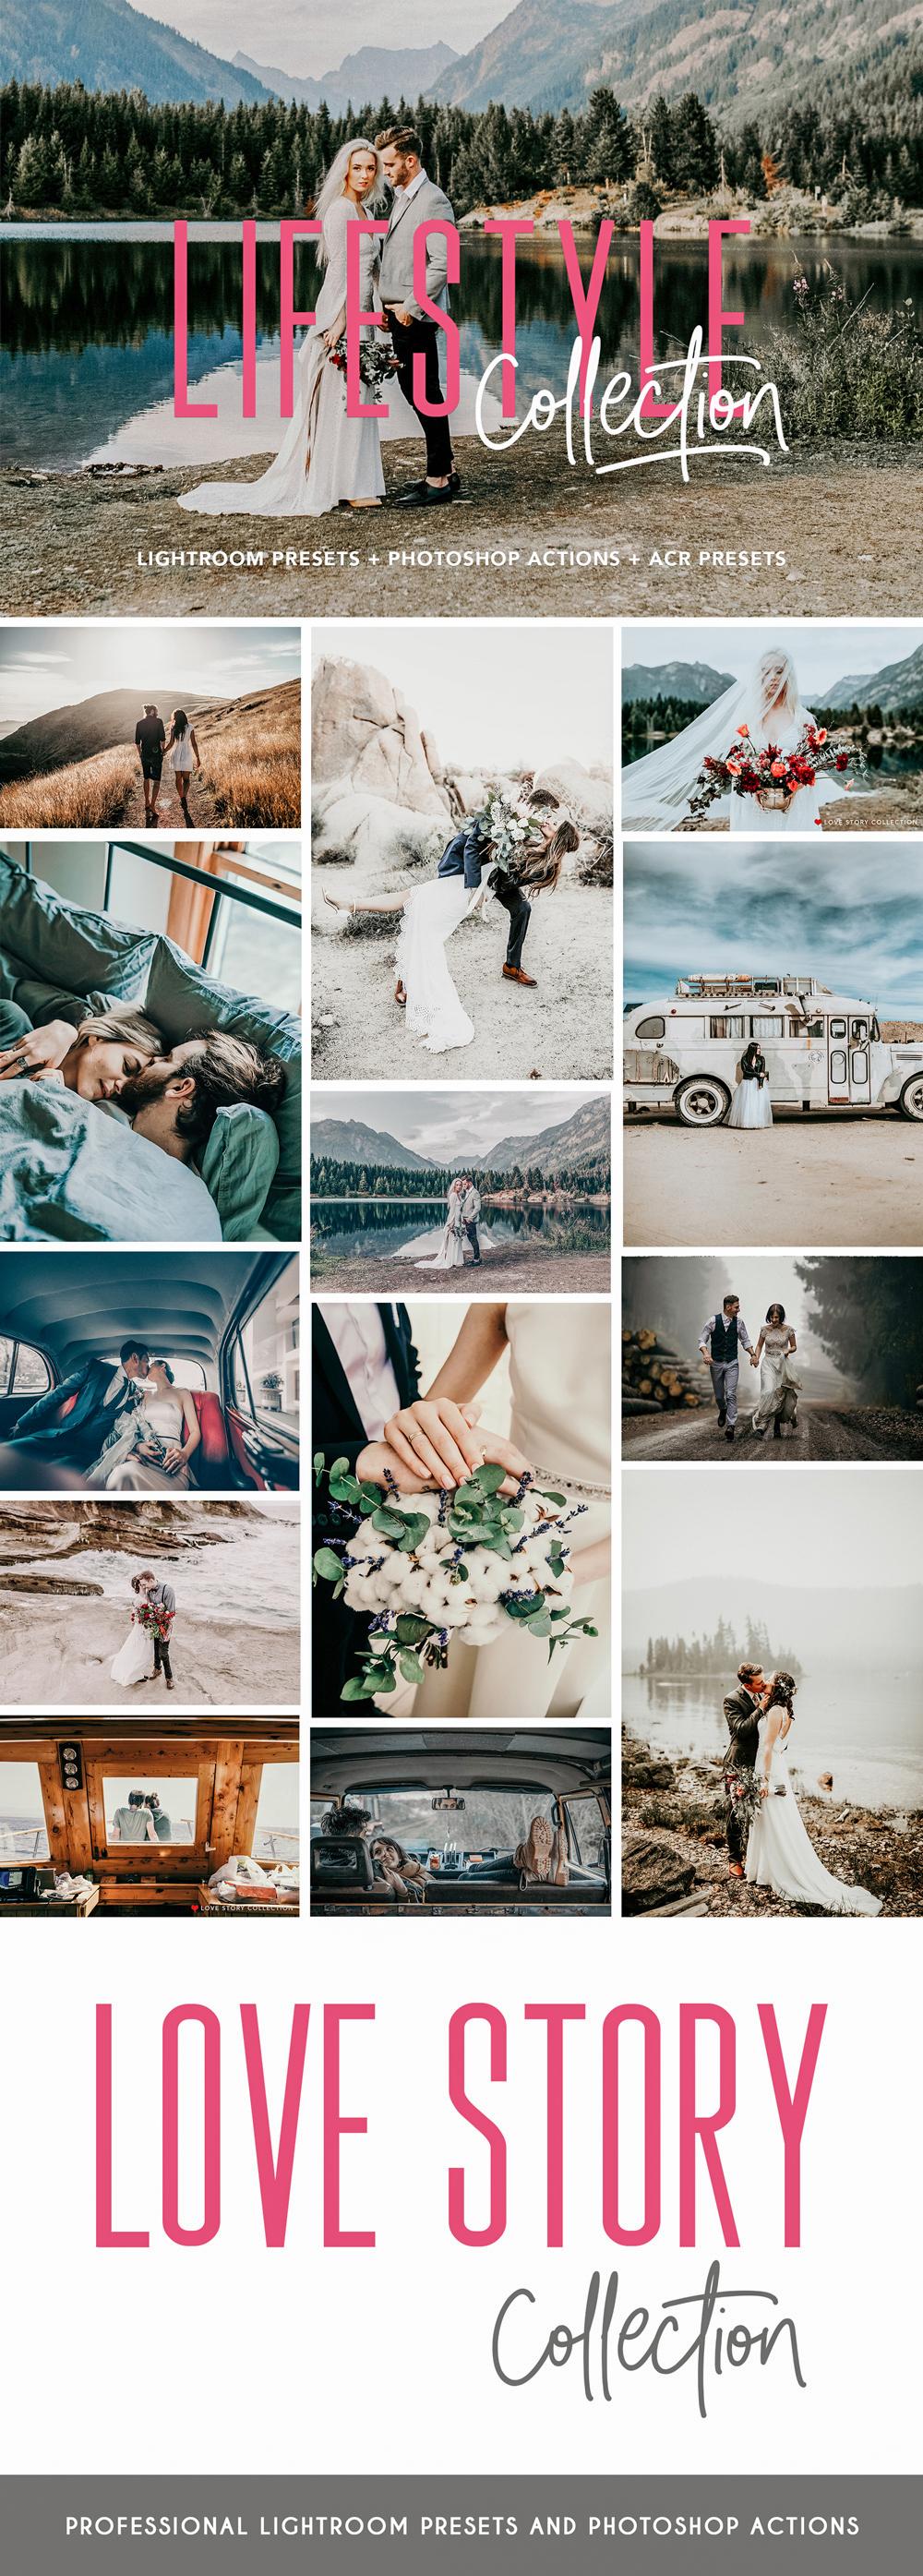 vwin德赢网《梦幻之声》,设计的设计和摄影